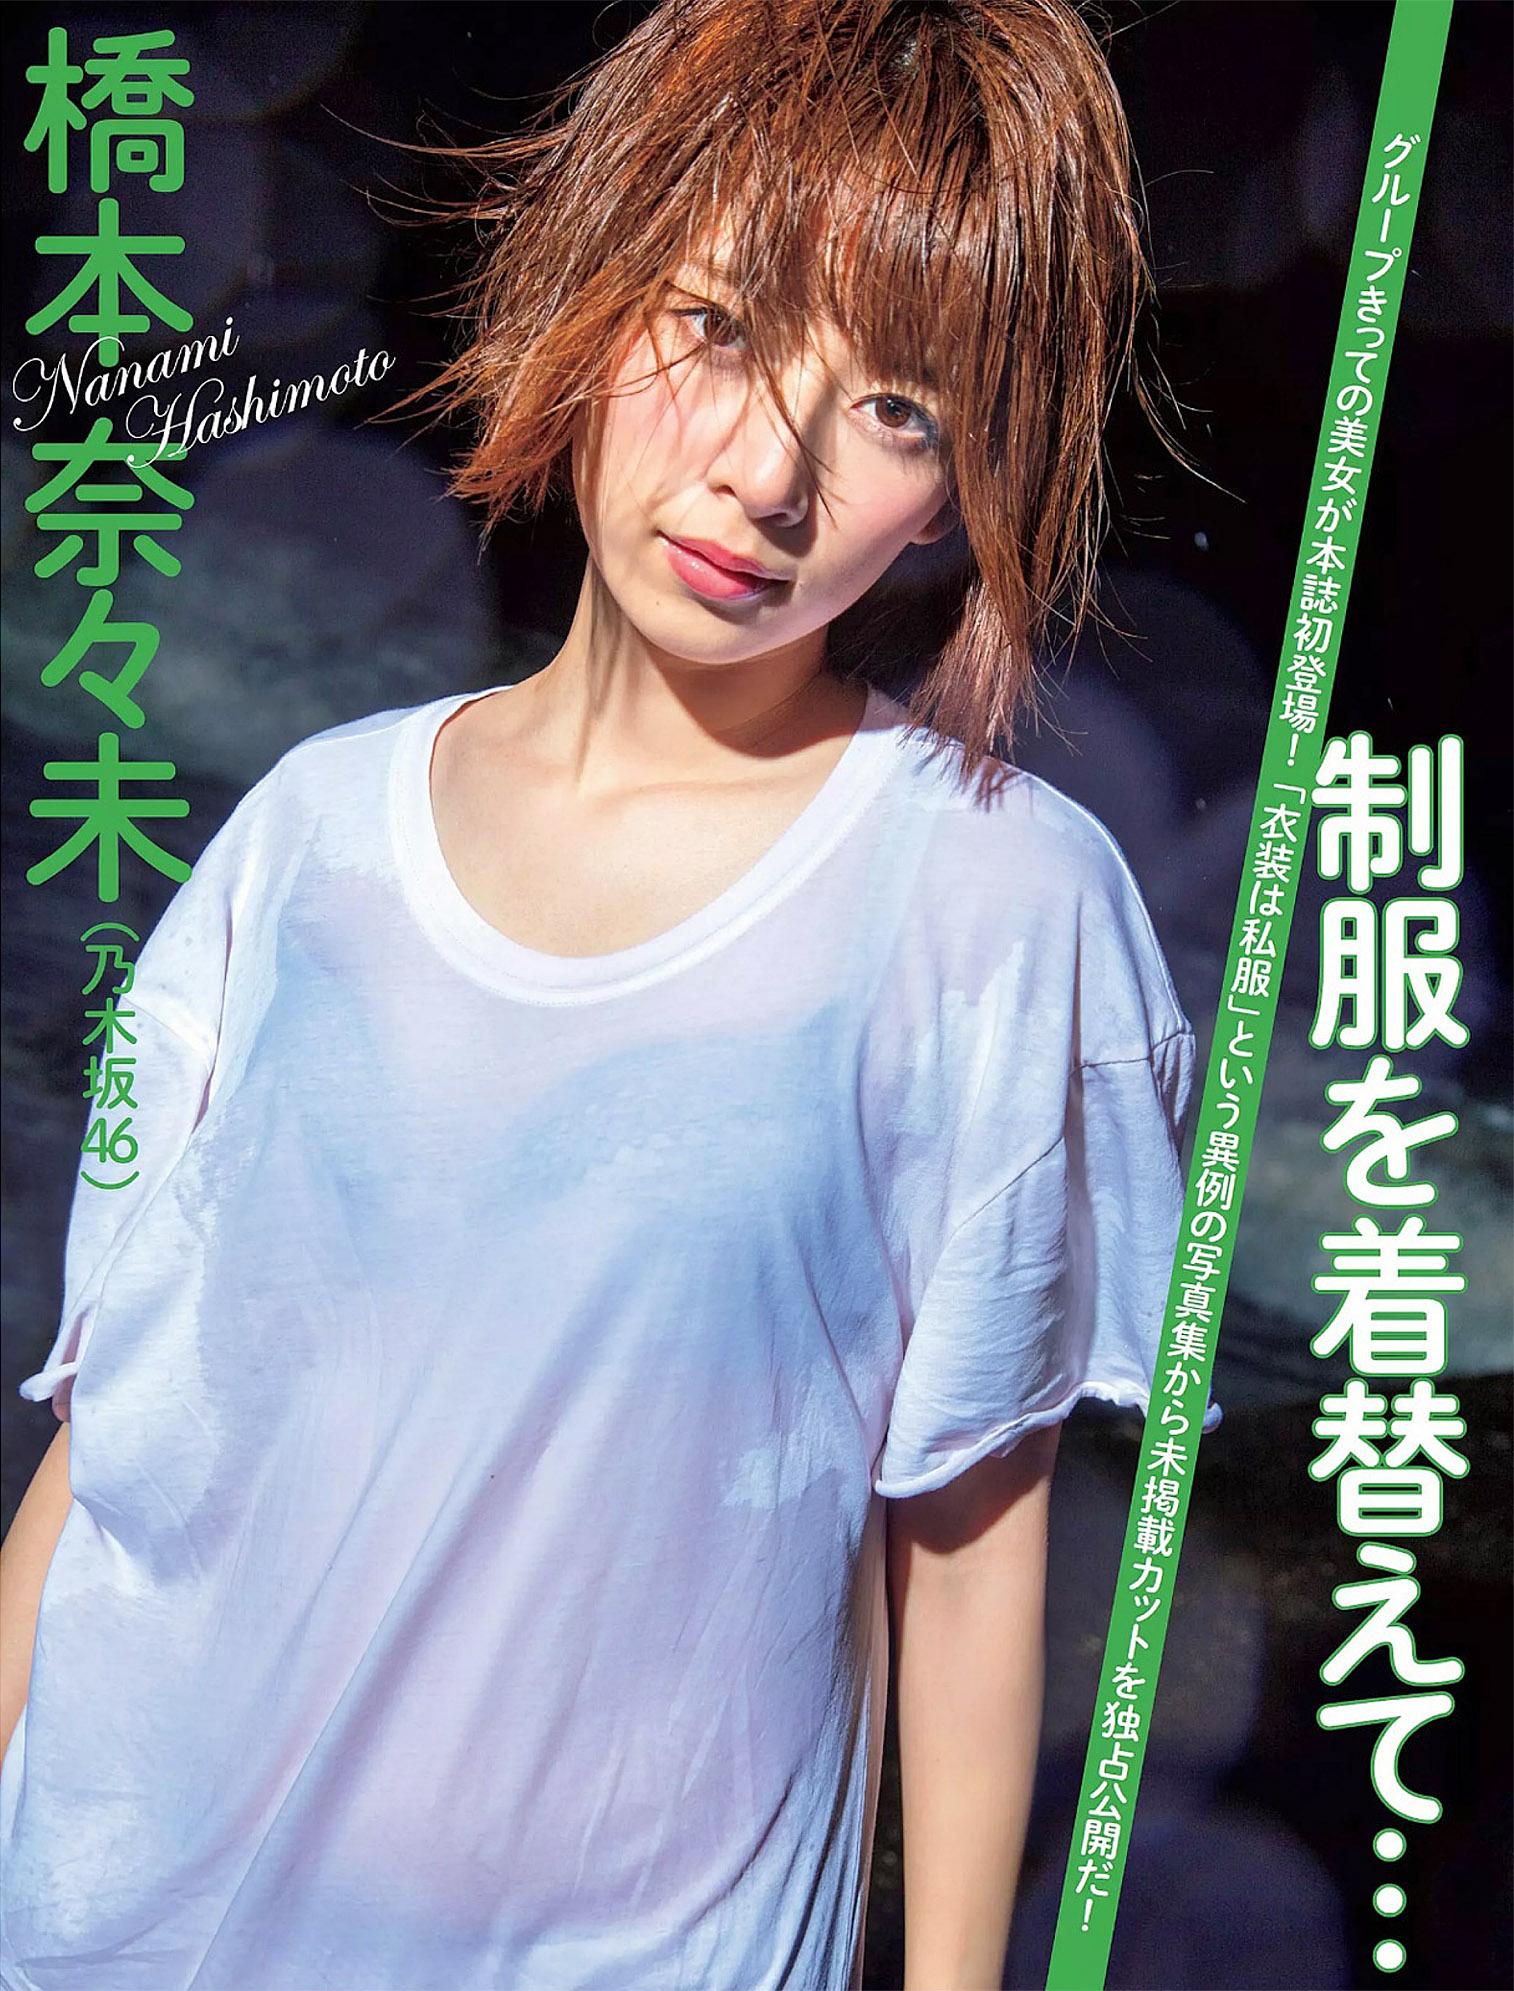 NHashimoto Flash 150922 01.jpg